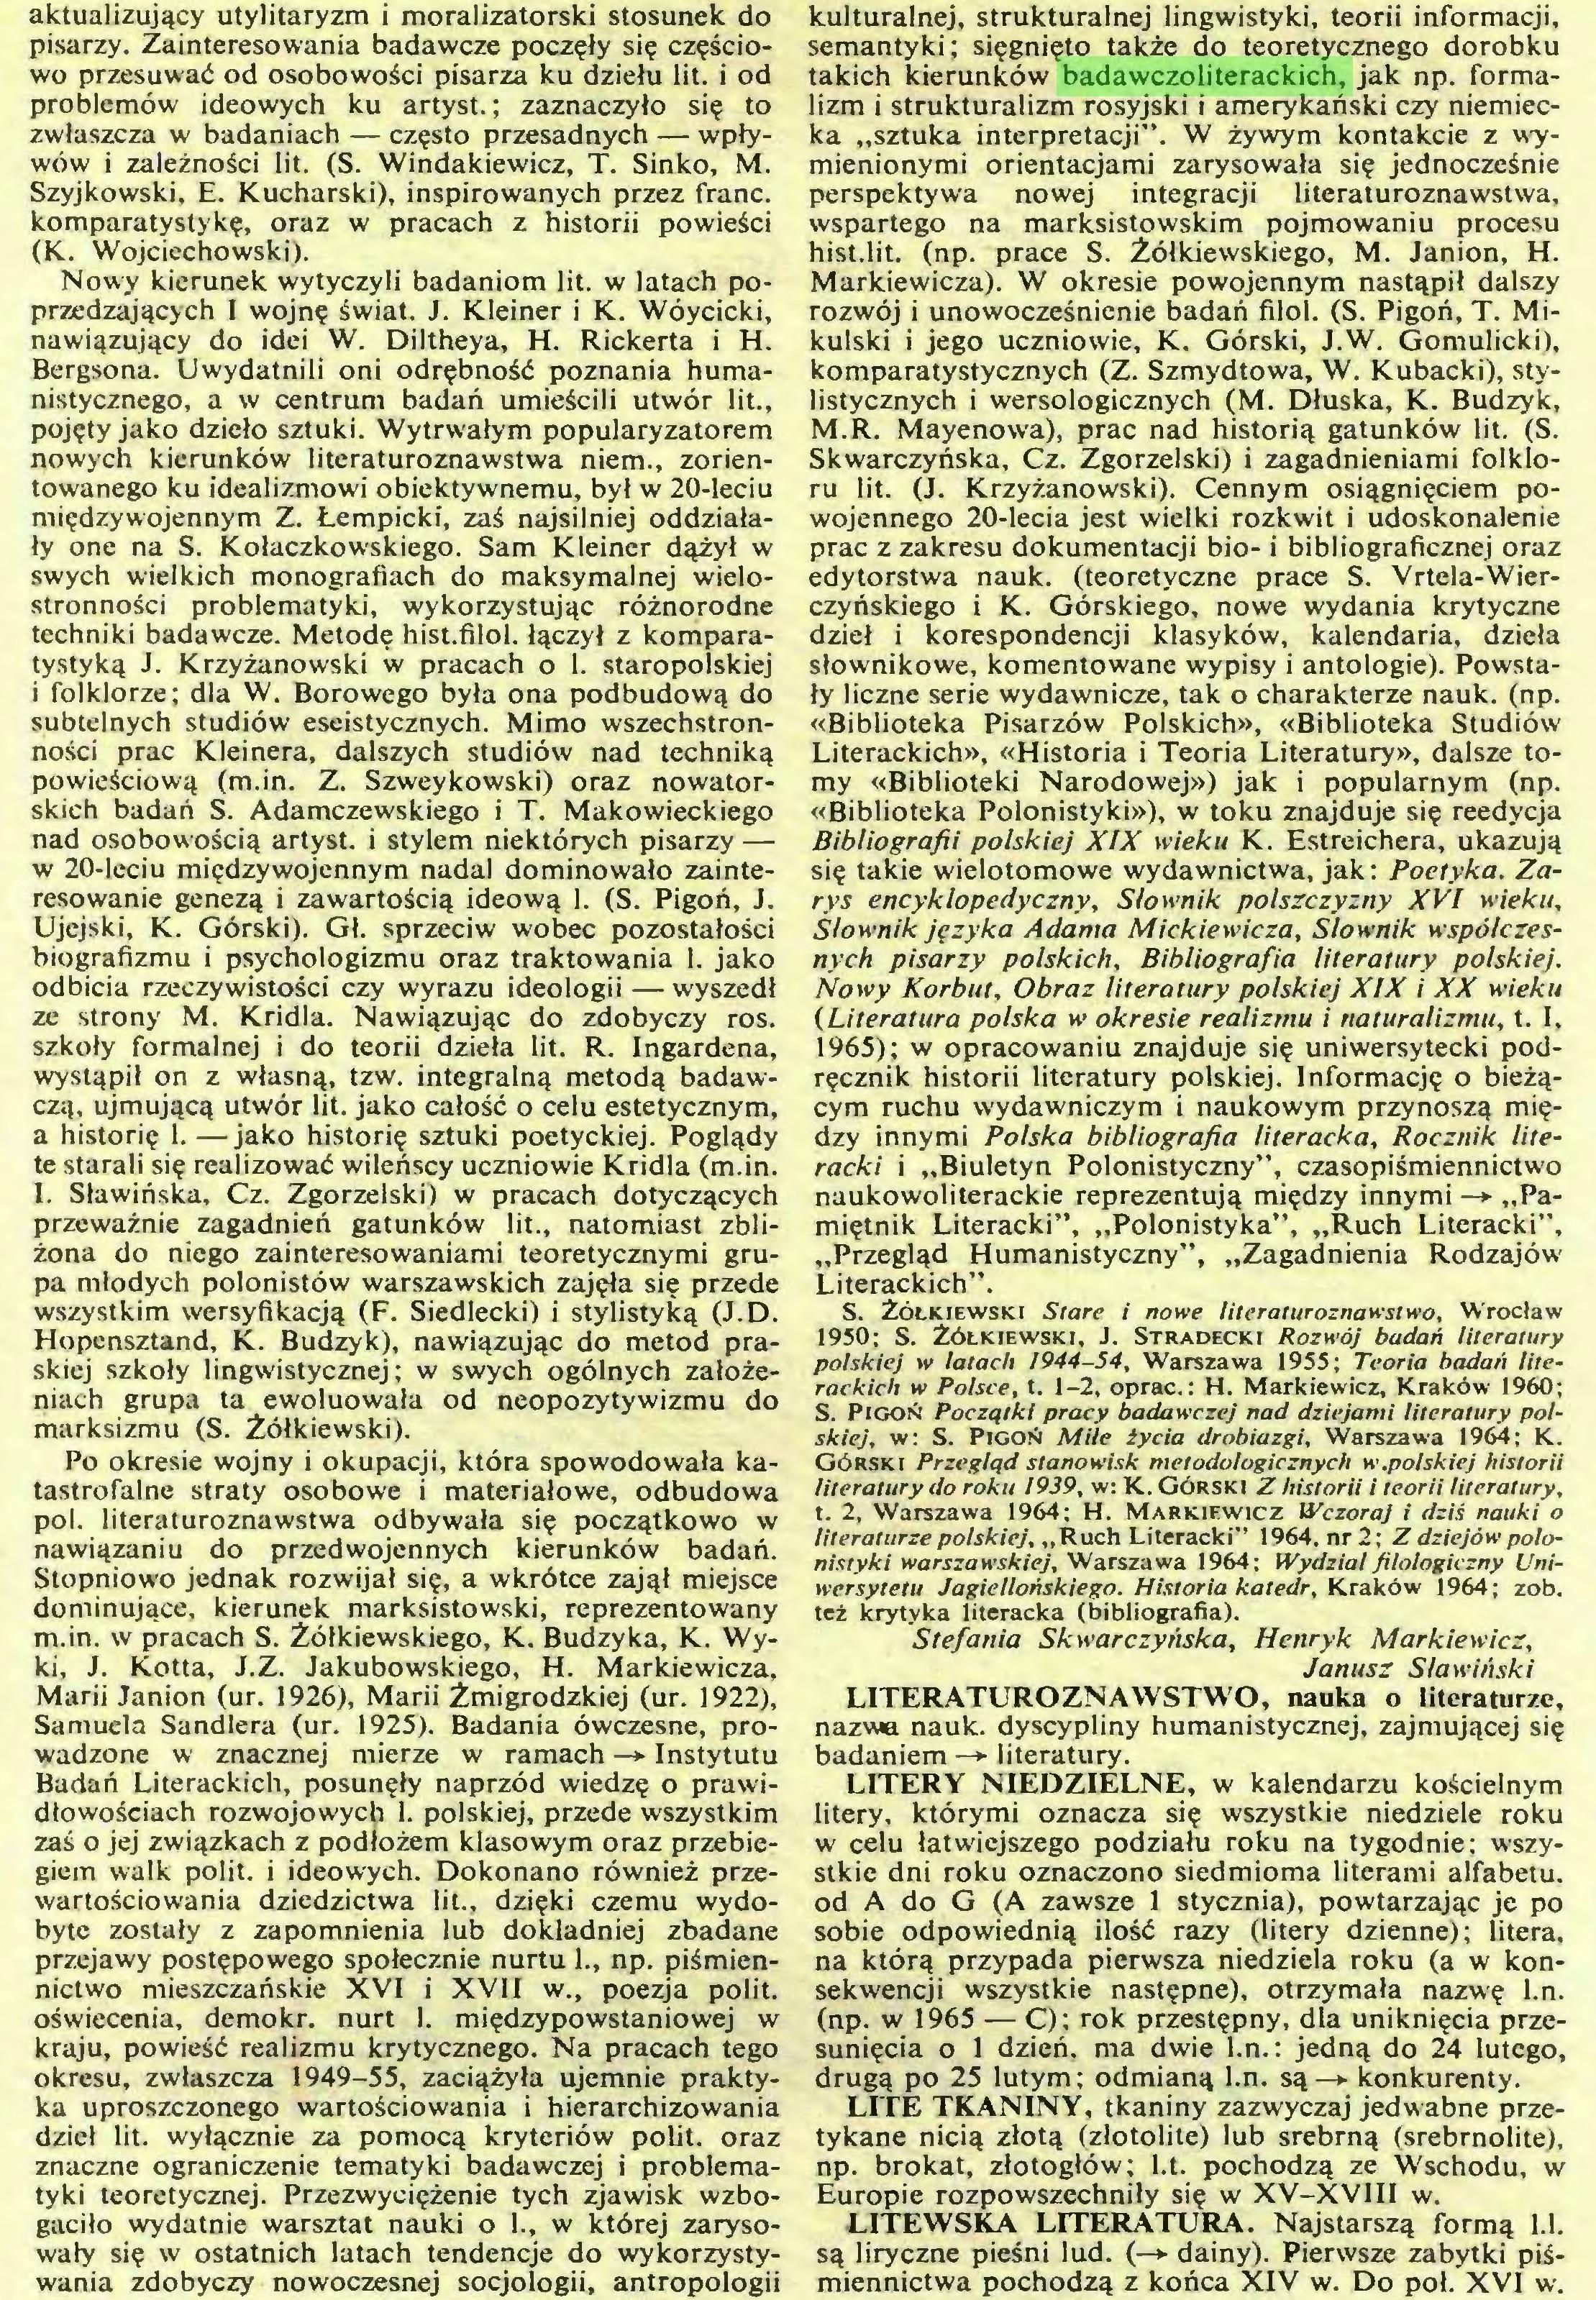 """(...) gaciło wydatnie warsztat nauki o 1., w której zarysowały się w ostatnich latach tendencje do wykorzystywania zdobyczy nowoczesnej socjologii, antropologii kulturalnej, strukturalnej lingwistyki, teorii informacji, semantyki; sięgnięto także do teoretycznego dorobku takich kierunków badawczoliterackich, jak np. formalizm i strukturalizm rosyjski i amerykański czy niemiecka """"sztuka interpretacji"""". W żywym kontakcie z wymienionymi orientacjami zarysowała się jednocześnie perspektywa nowej integracji literaturoznawstwa, wspartego na marksistowskim pojmowaniu procesu hist.lit. (np. prace S. Żółkiewskiego, M. Janion, H..."""